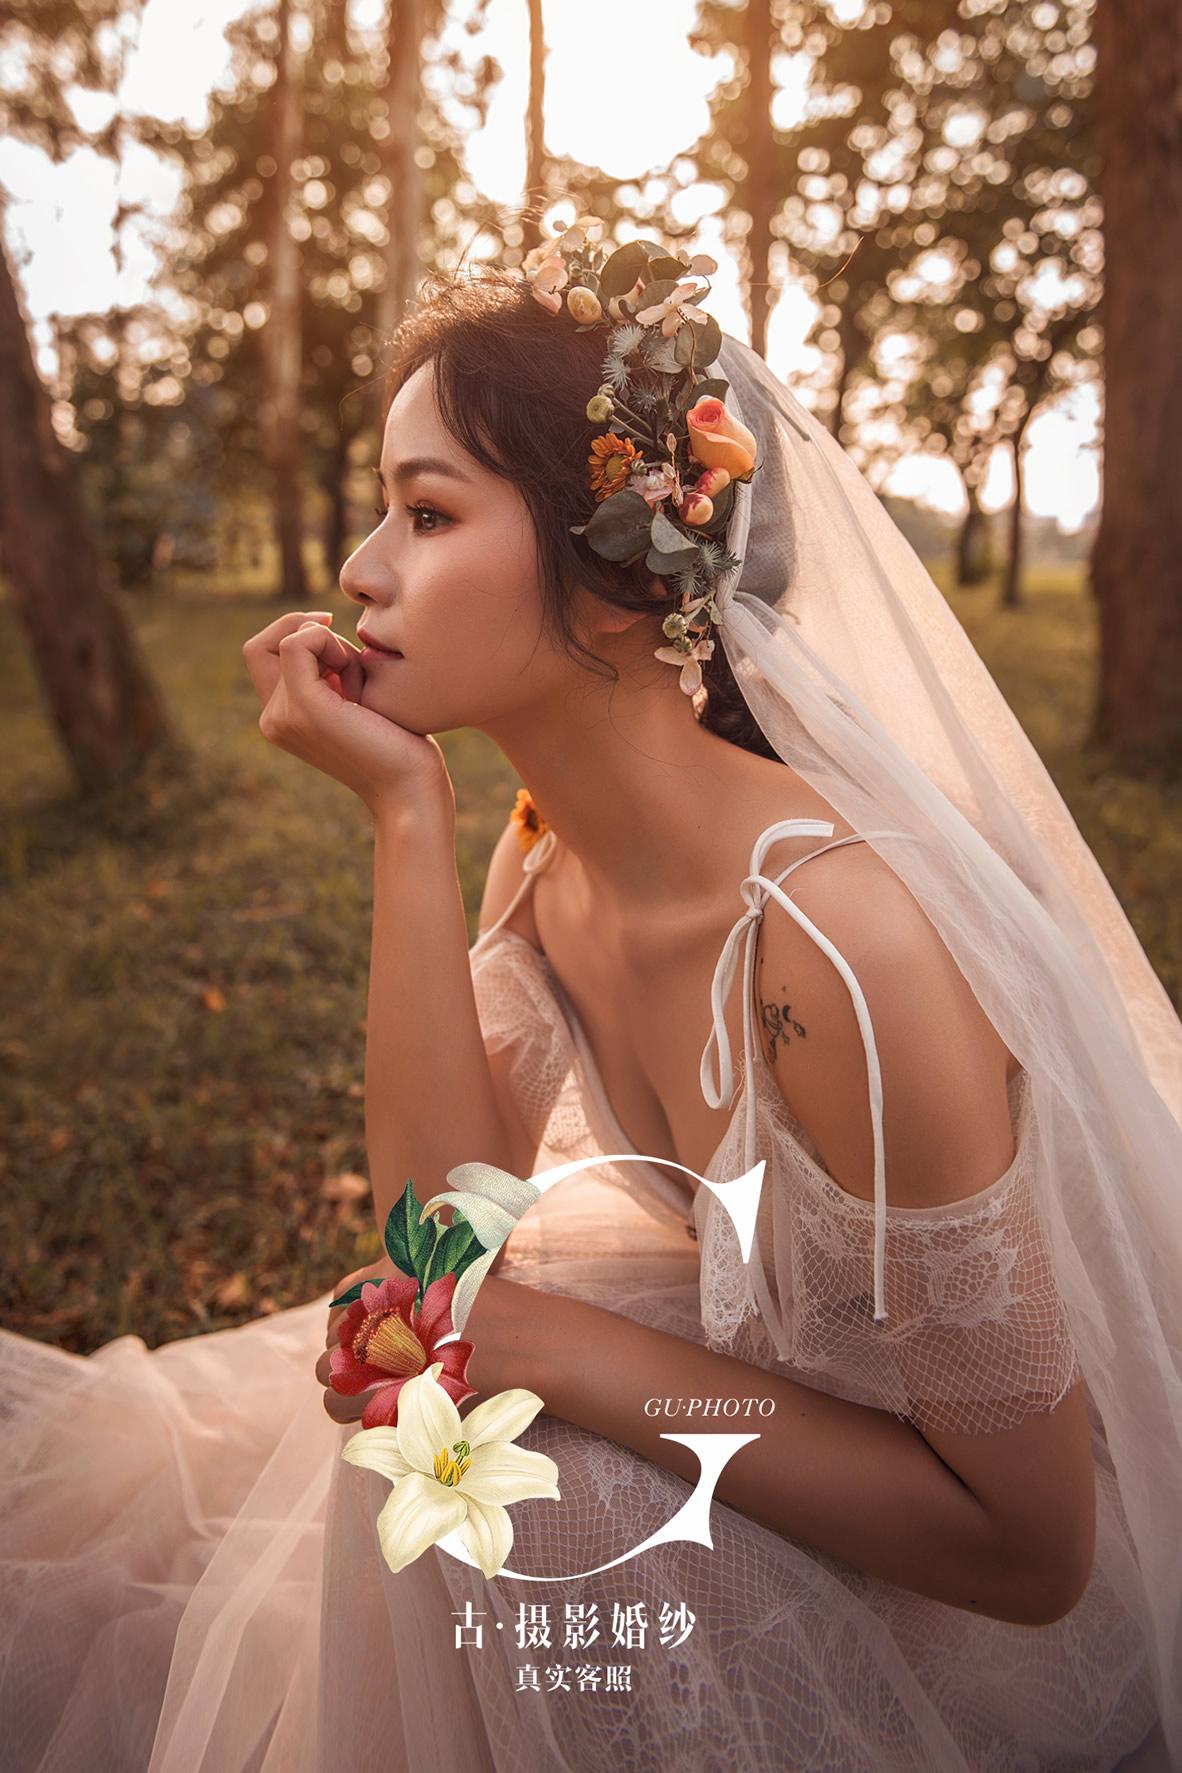 李先生夫妇 - 每日客照 - love昆明古摄影-昆明婚纱摄影网